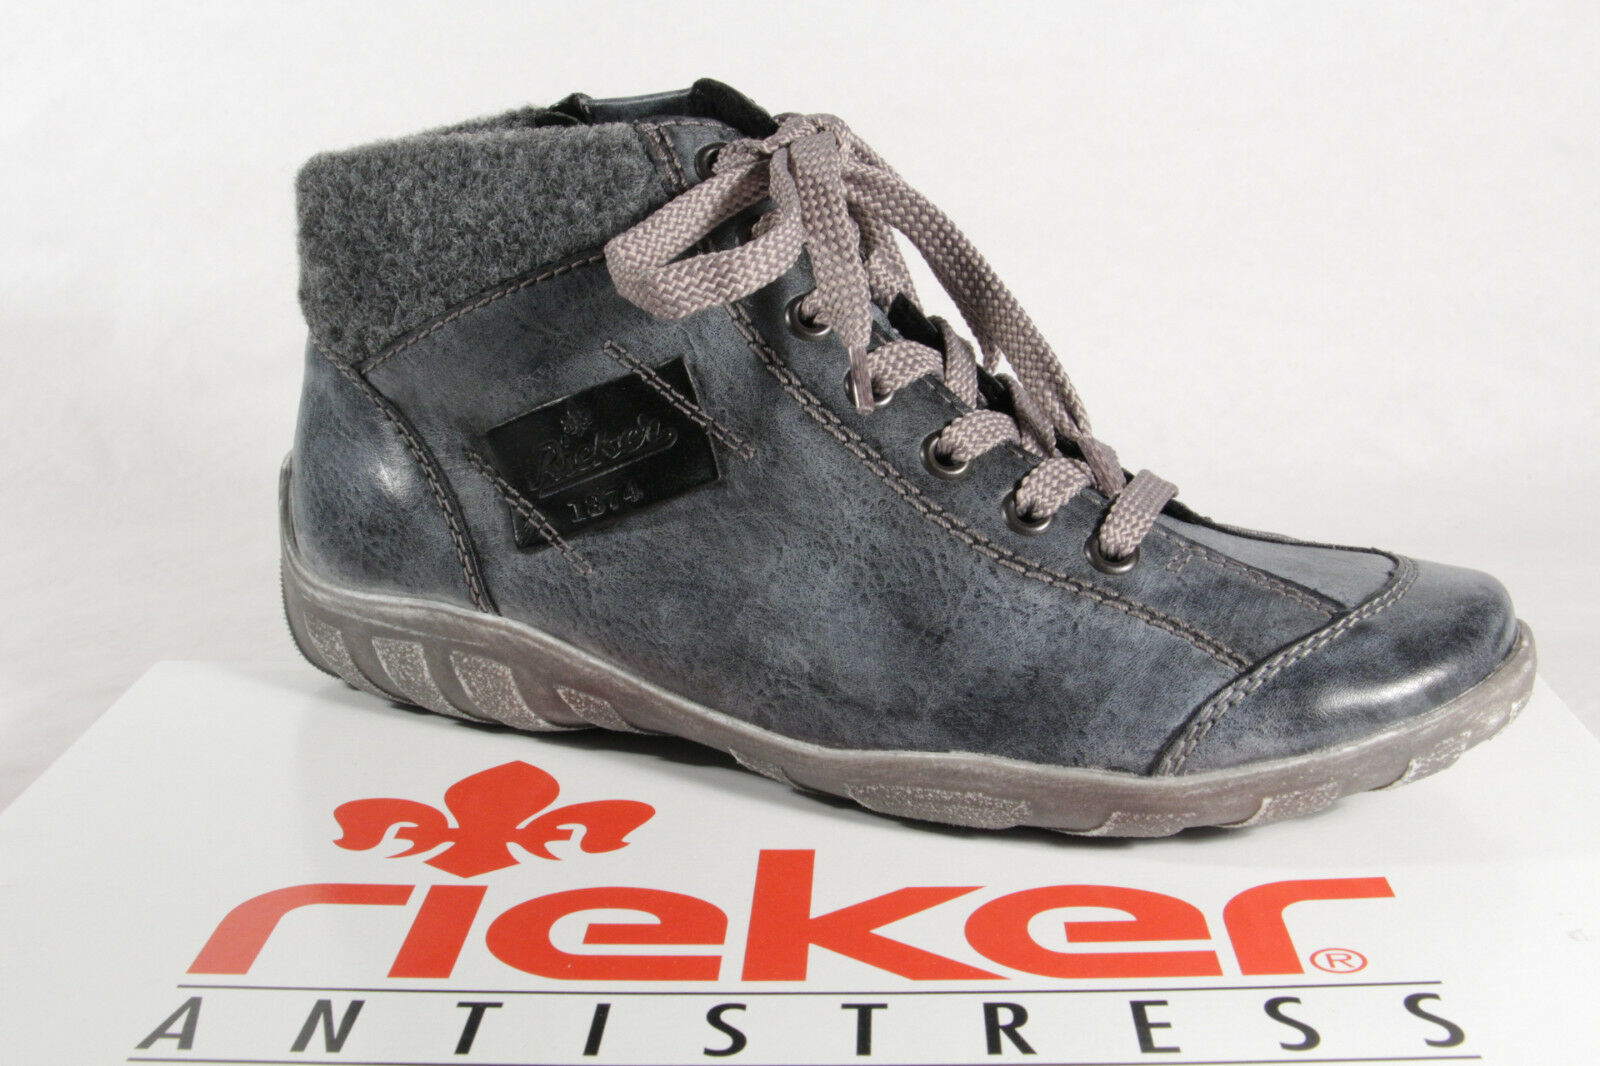 Rieker Damen Schnürschuhe Boots Stiefel blau L6540 NEU gQOuO